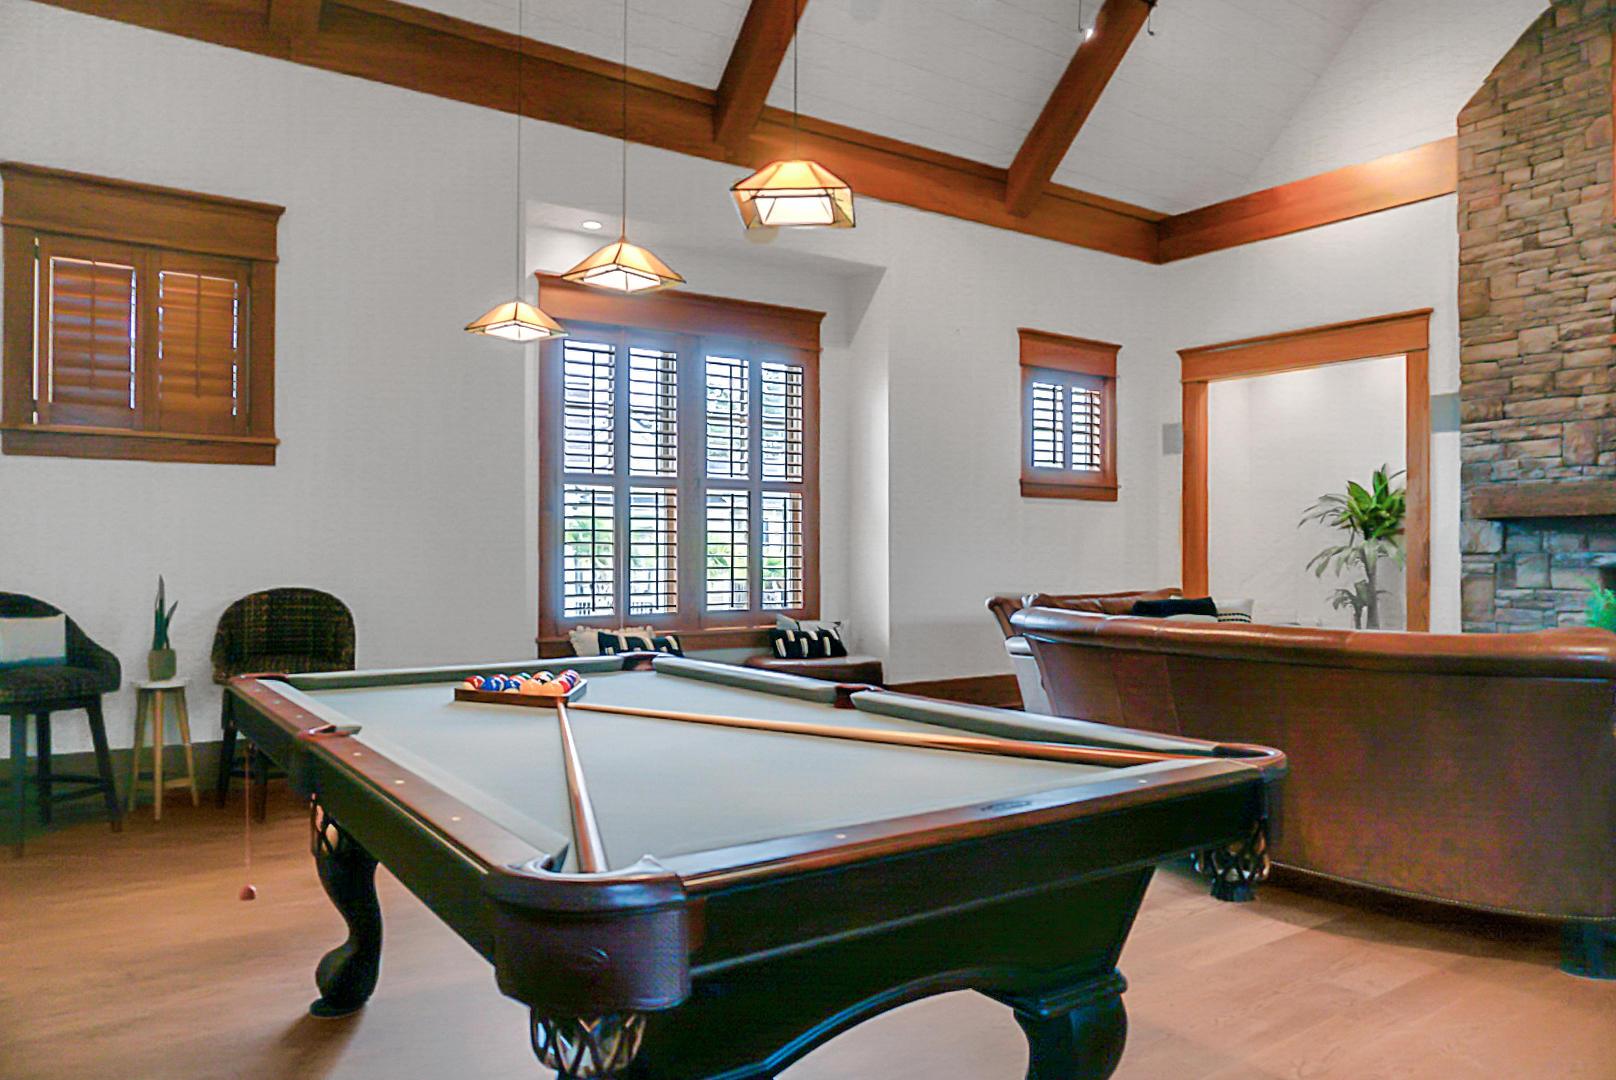 Dunes West Homes For Sale - 2978 River Vista, Mount Pleasant, SC - 8